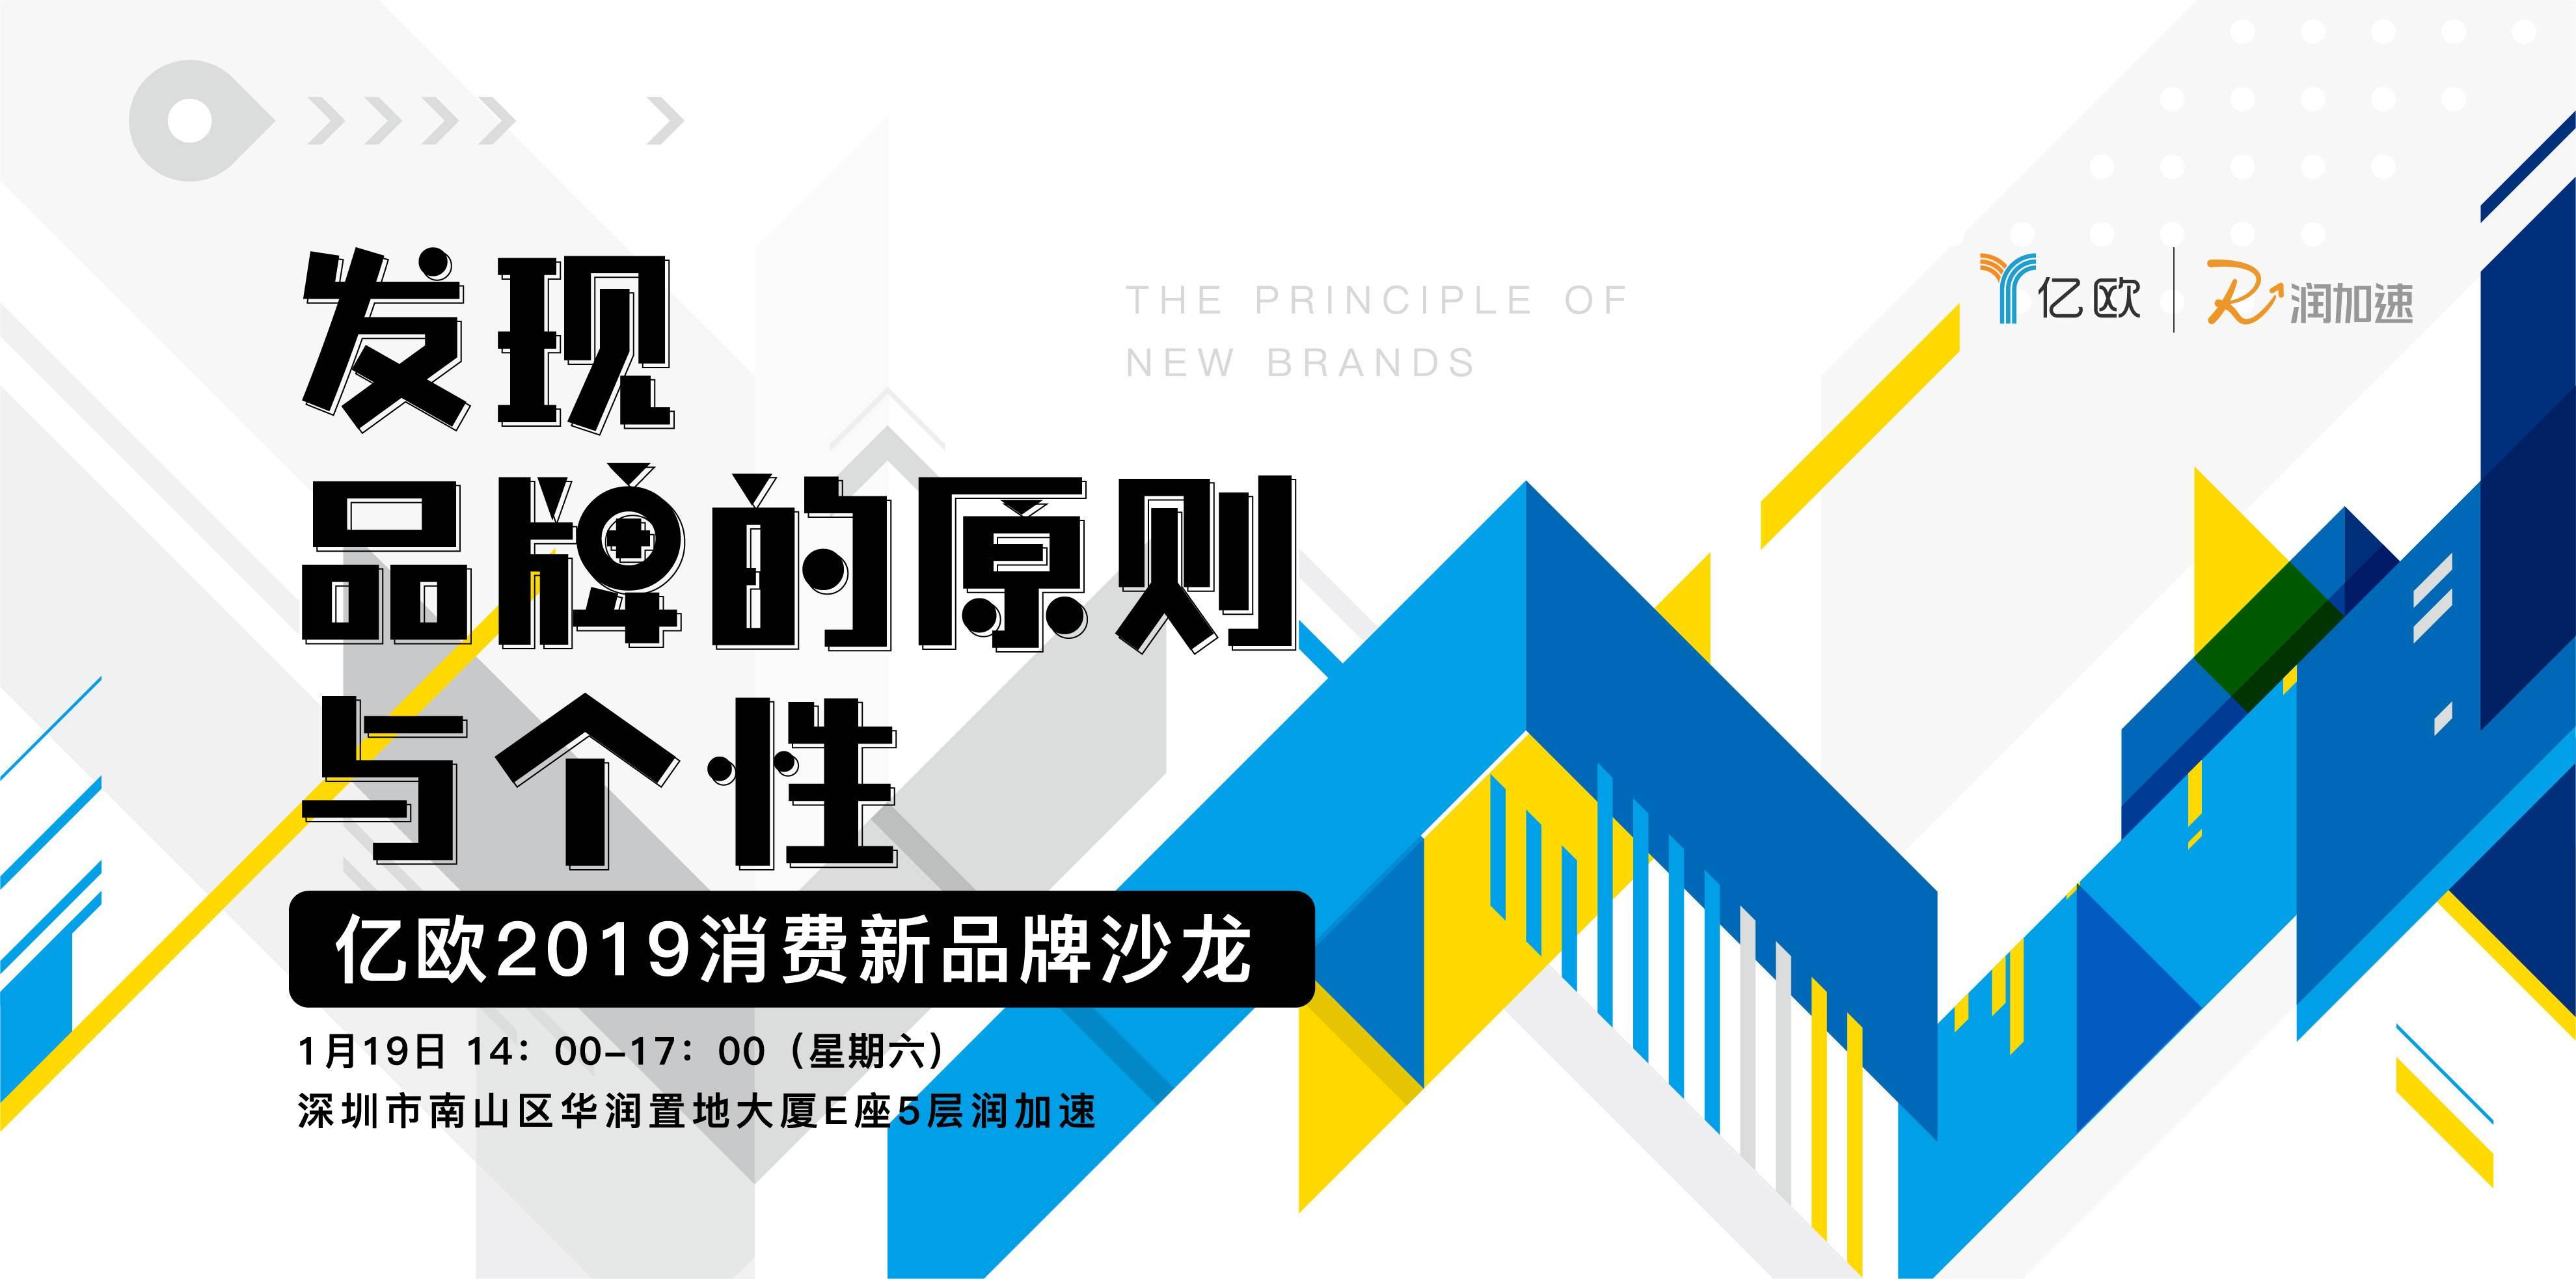 【活动】发现品牌的原则与个性——亿欧2019消费新品牌沙龙-亿欧